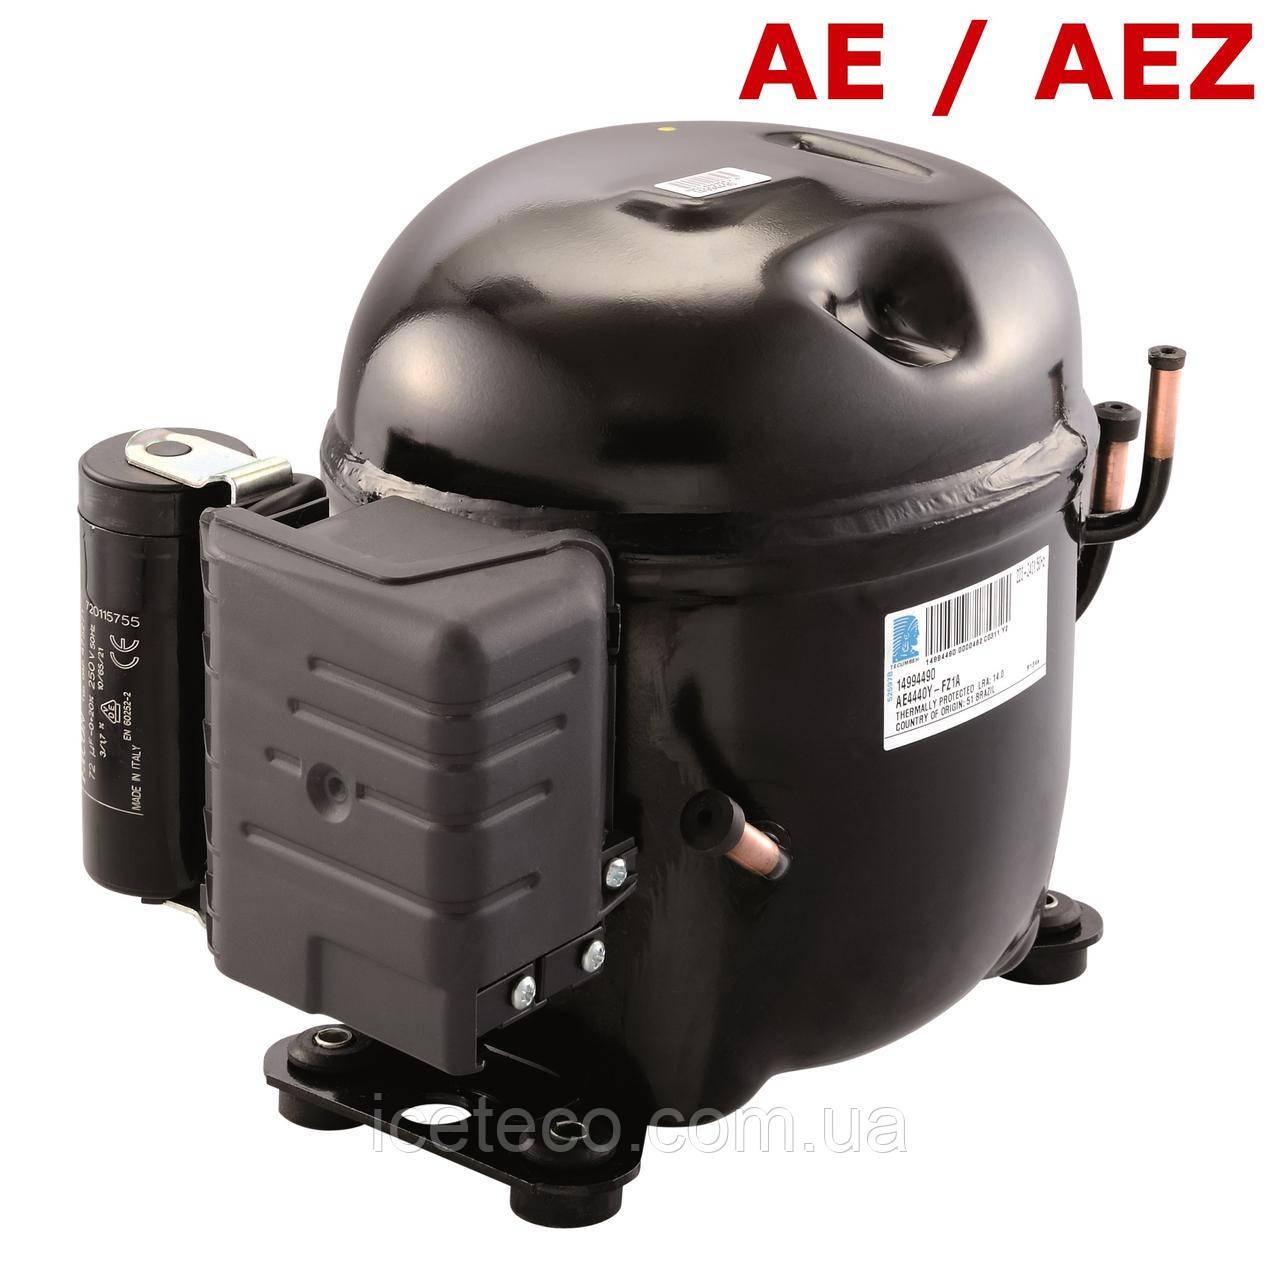 Герметичный поршневой компрессор AE4450Z Tecumseh